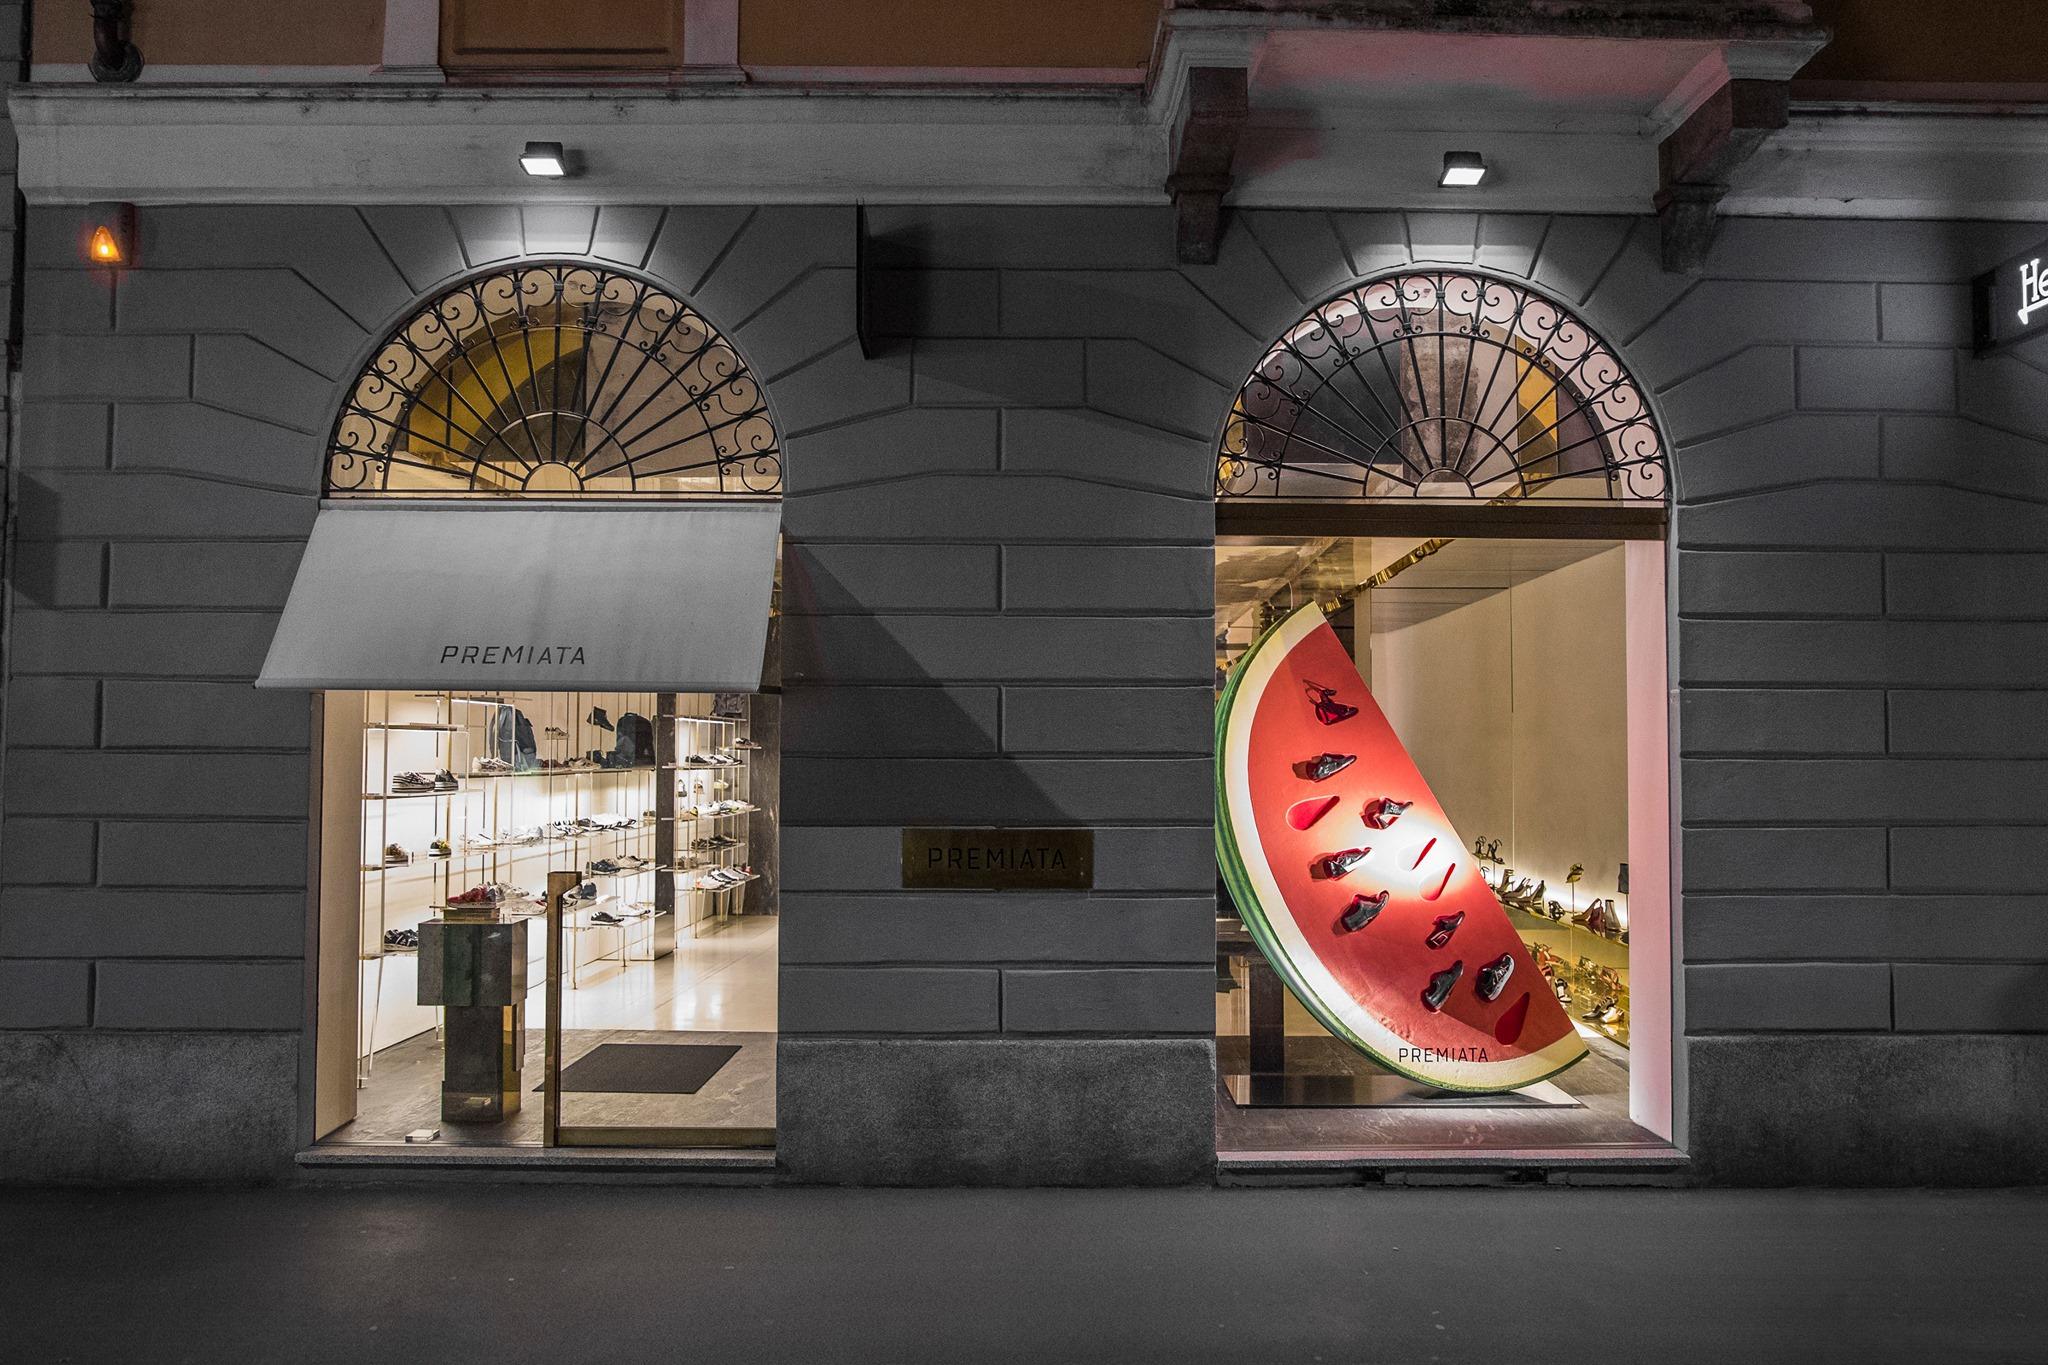 Vetrina del negozio di scarpe Premiata Milan a Milano con illuminazione serale